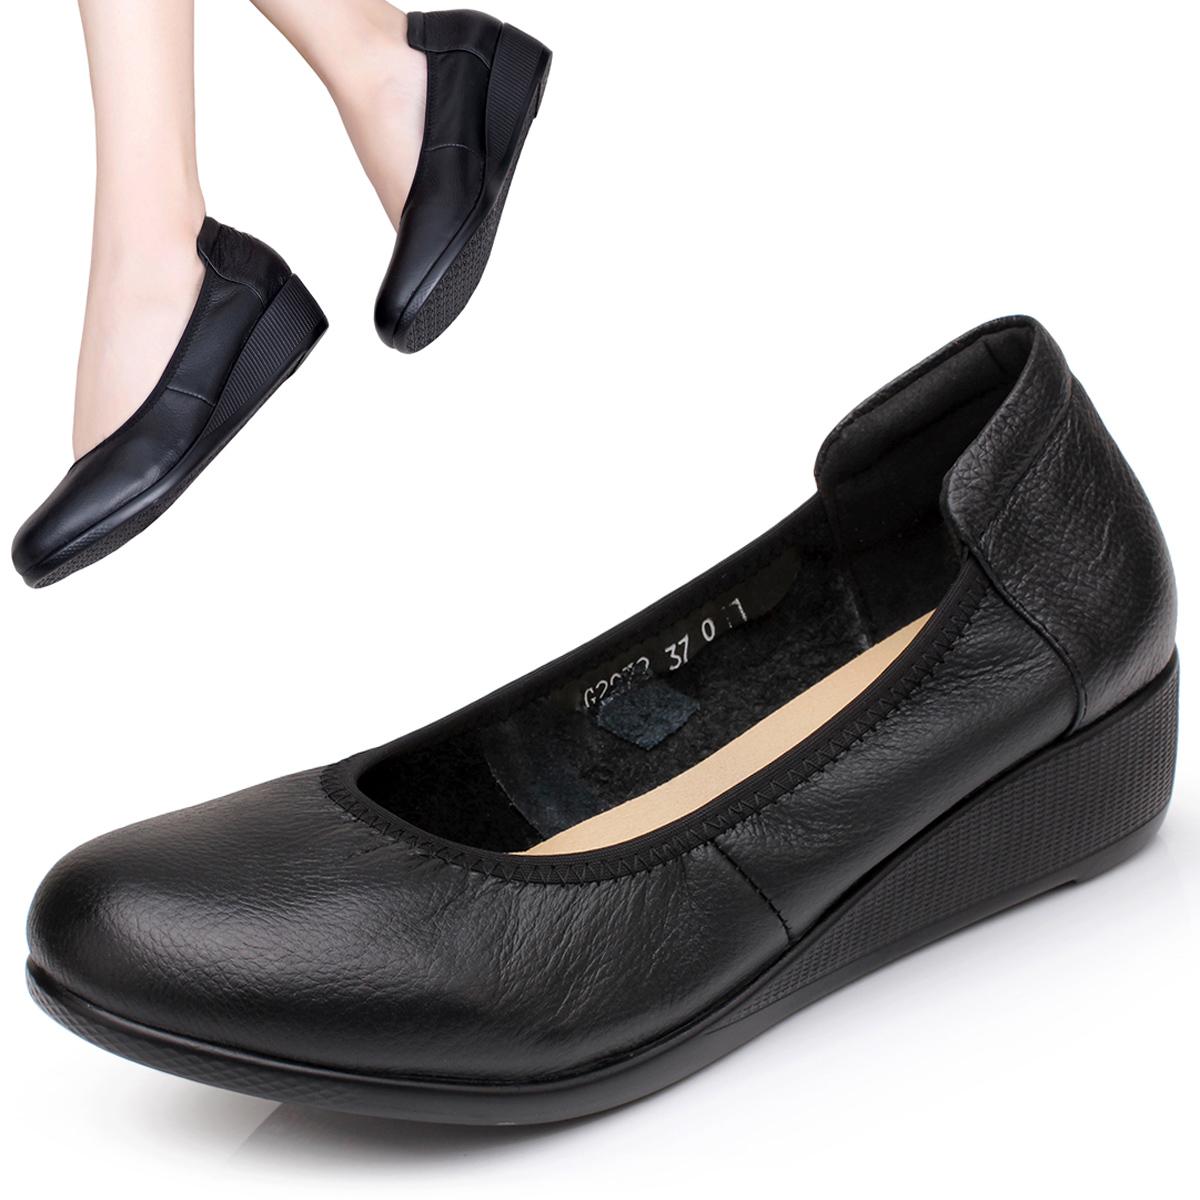 软底不磨脚舒适皮鞋真皮坡跟圆头v皮鞋女黑色上班女鞋工作鞋女单鞋